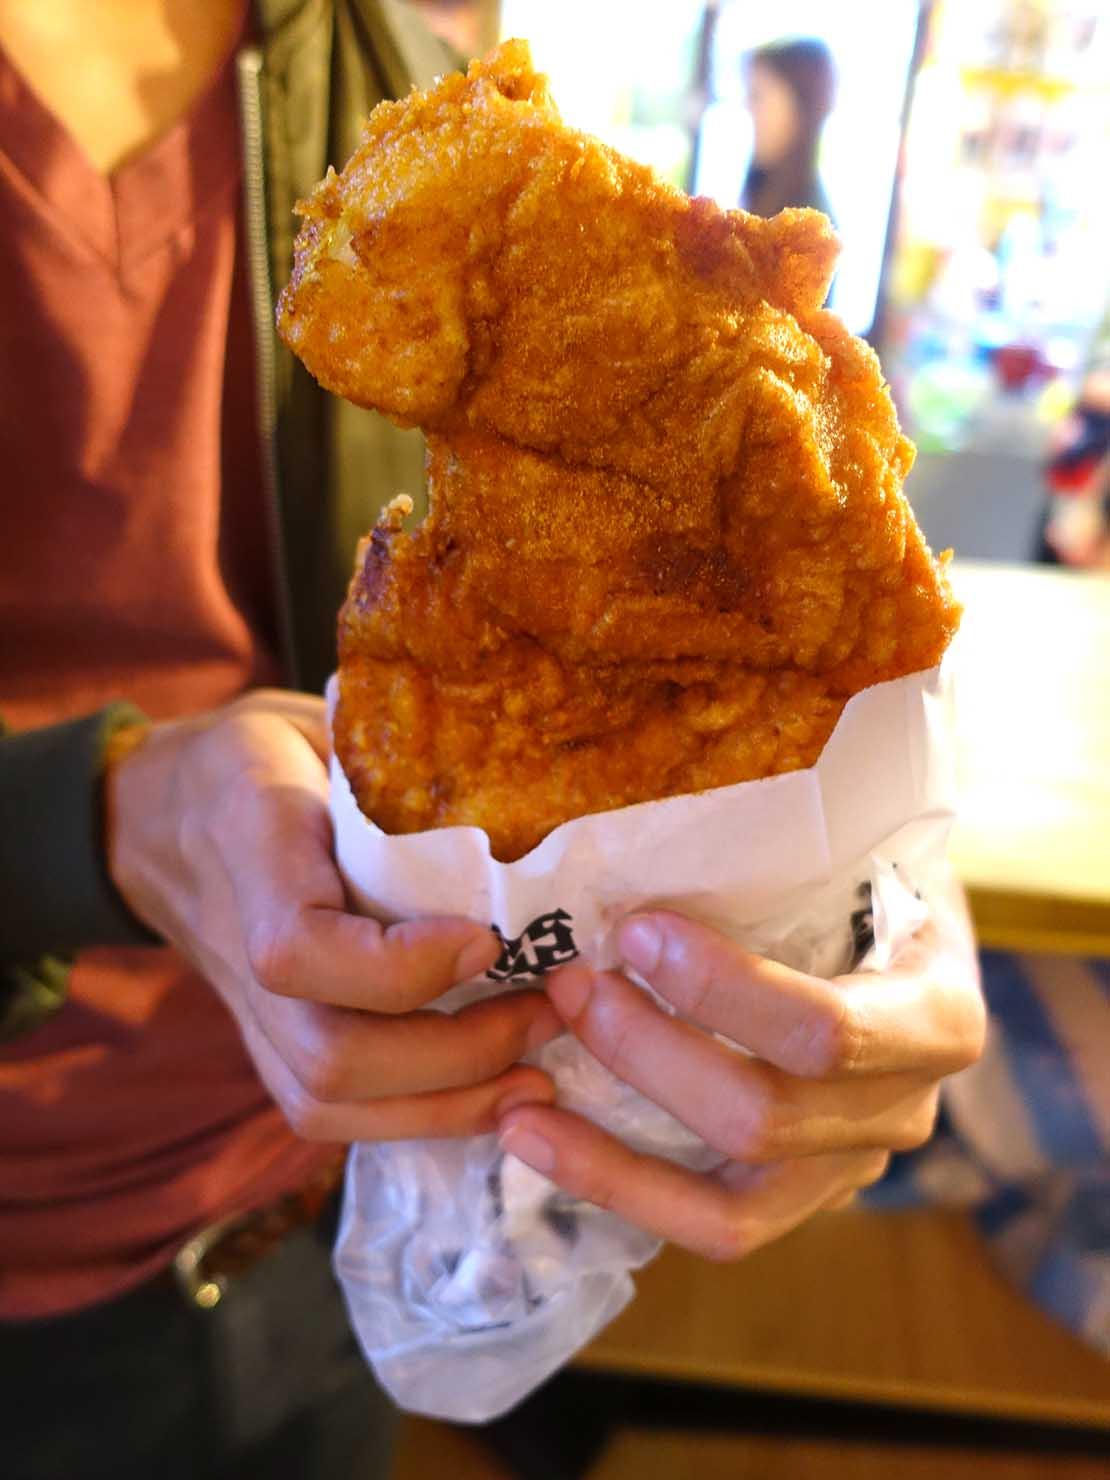 台中観光のおすすめスポット「逢甲夜市」の雞排(チキンカツ)